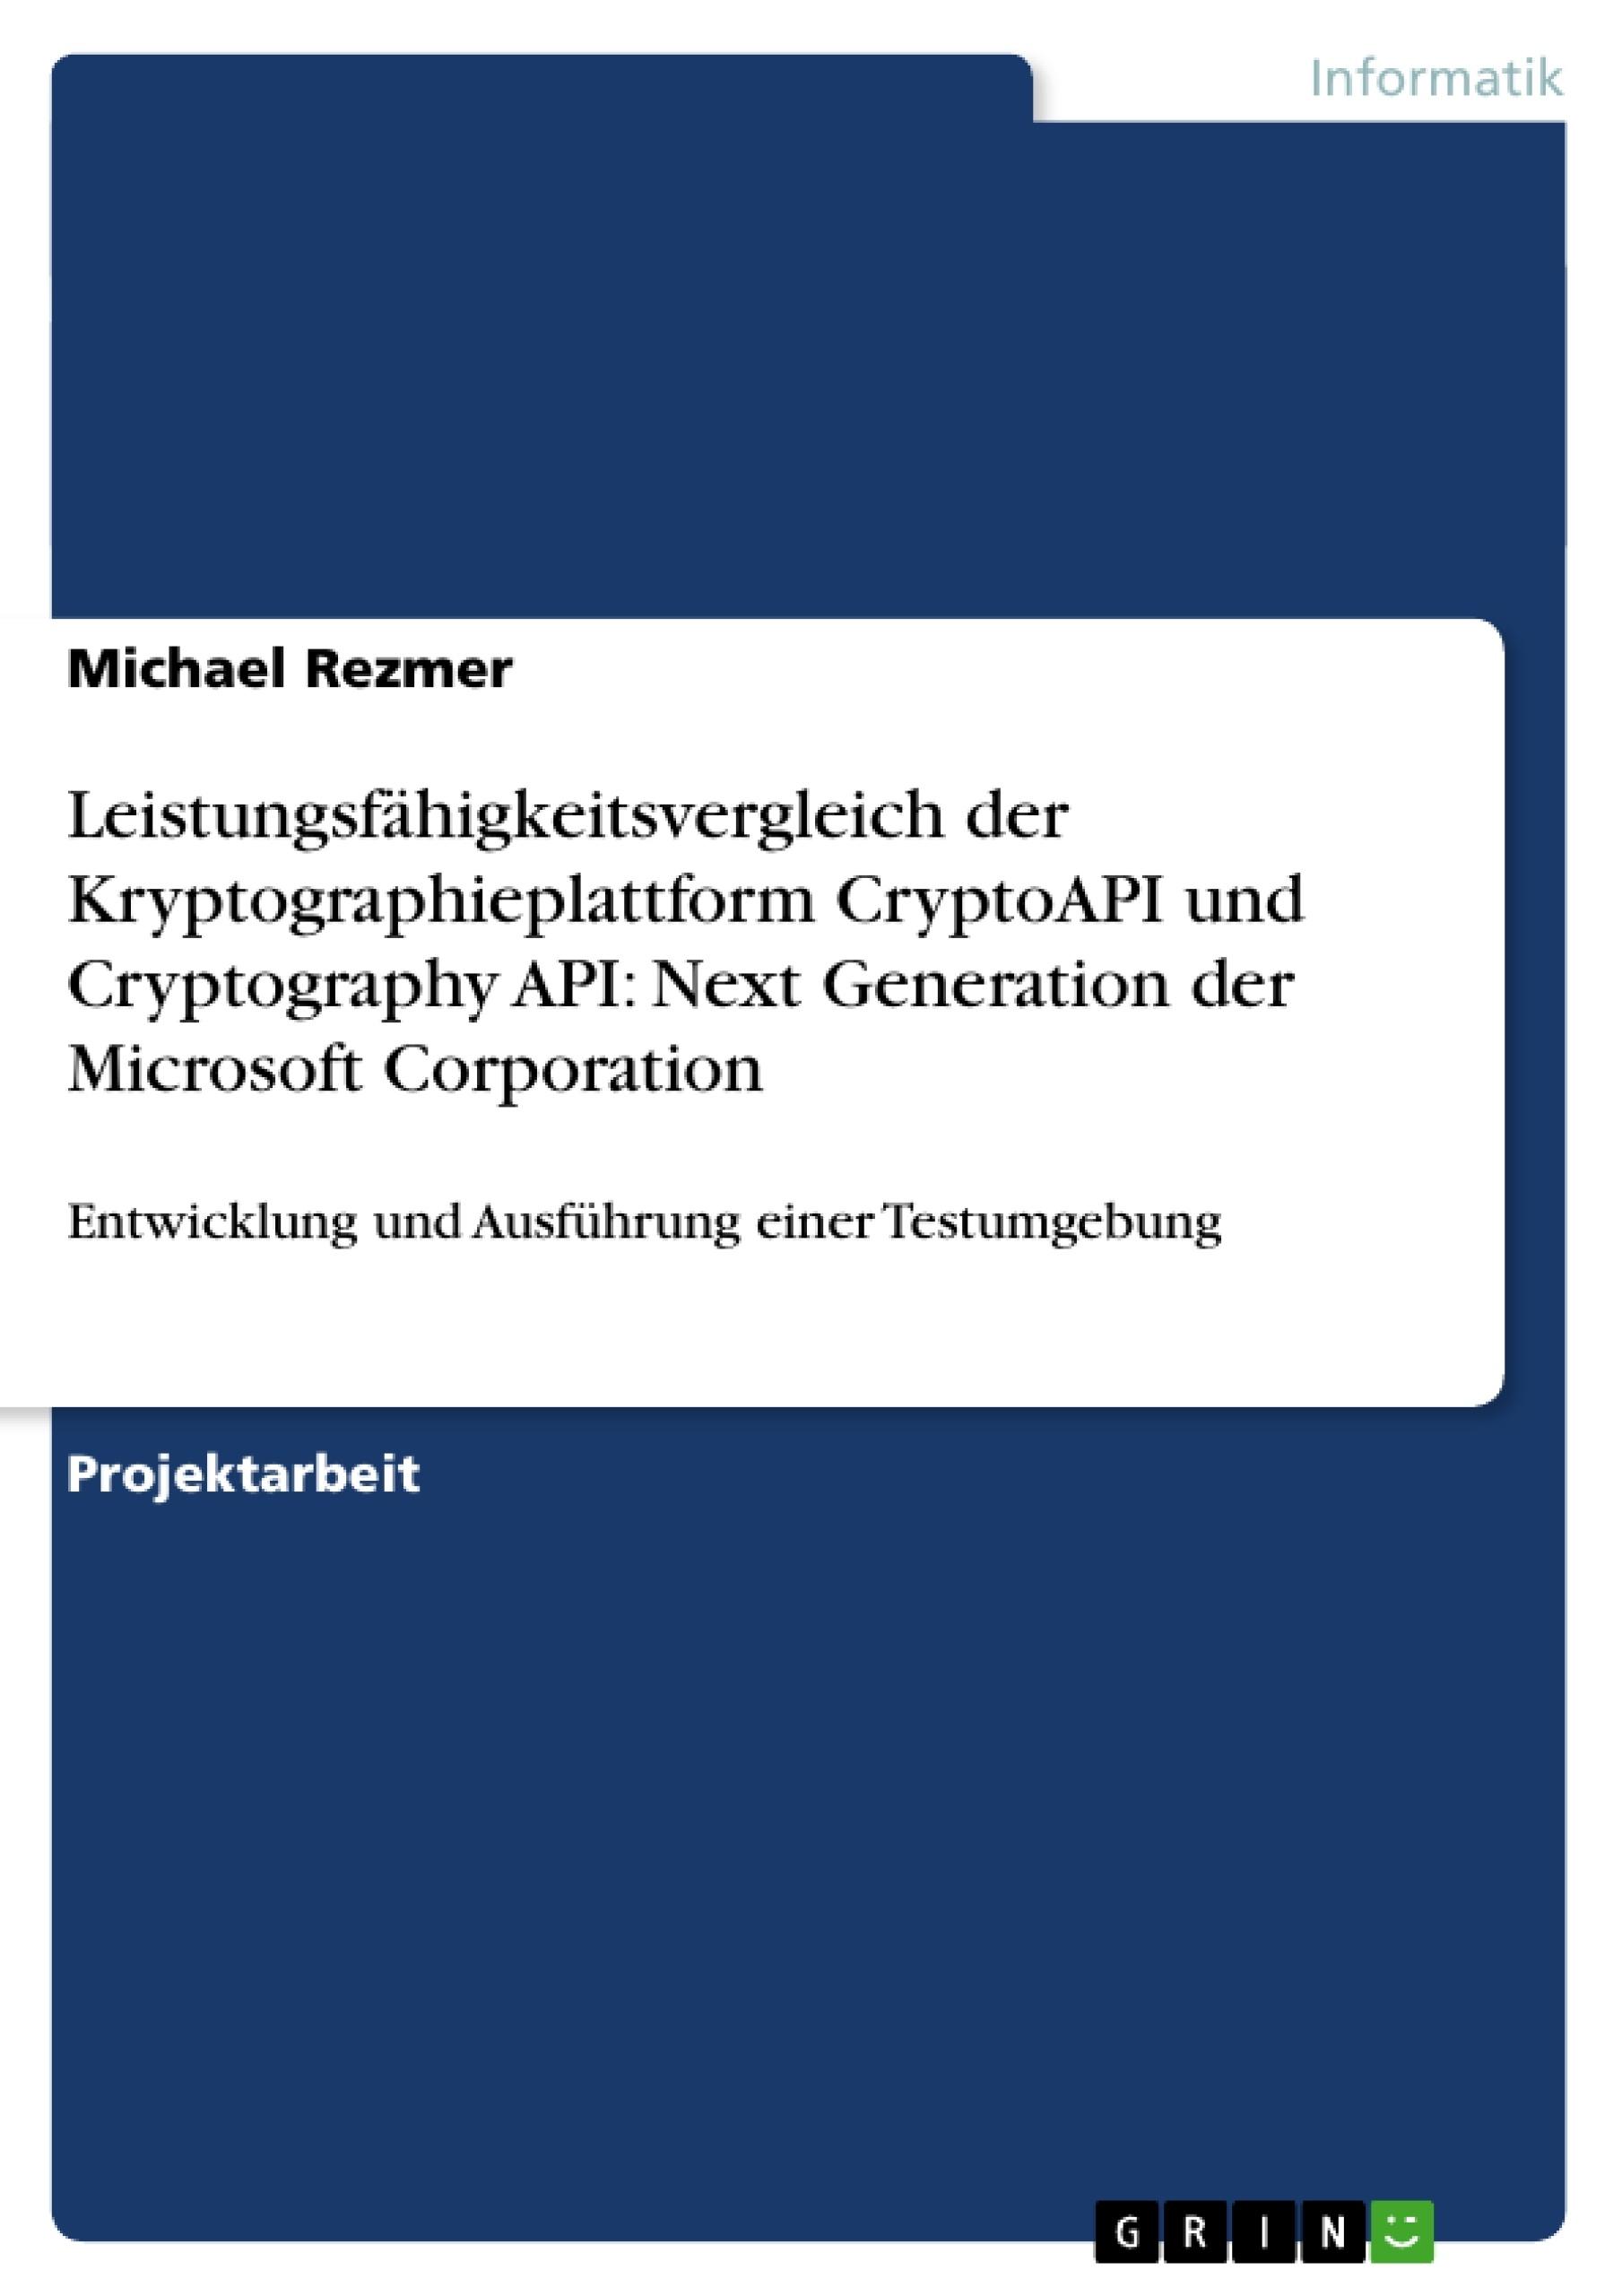 Titel: Leistungsfähigkeitsvergleich der Kryptographieplattform CryptoAPI und Cryptography API: Next Generation der Microsoft Corporation